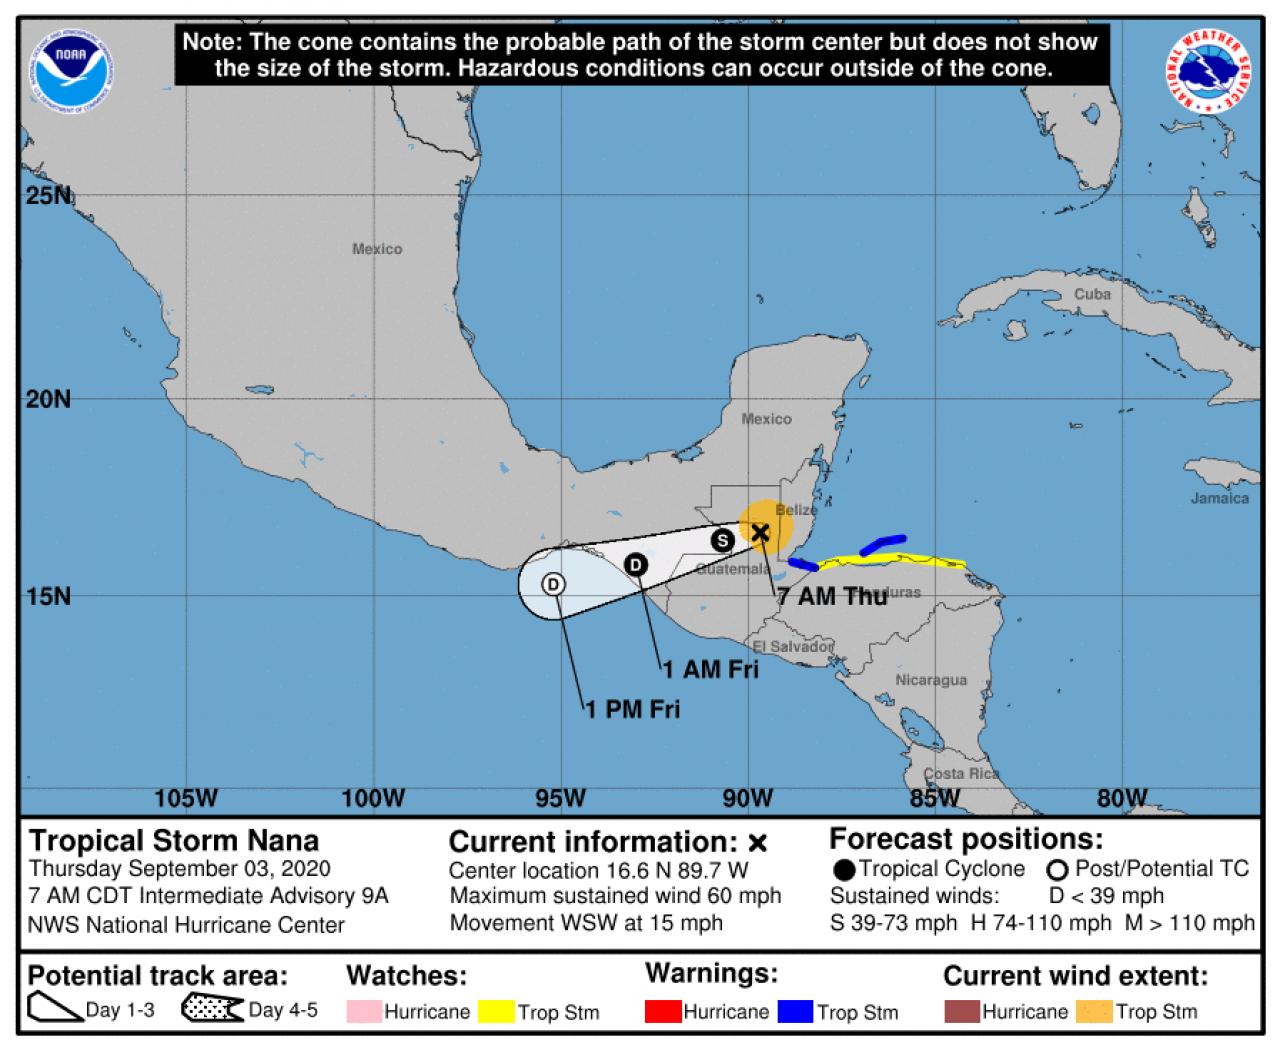 La possibile rotta di Nana con passaggio dall'Atlantico al Pacifico (Fonte: National Hurricane Service)